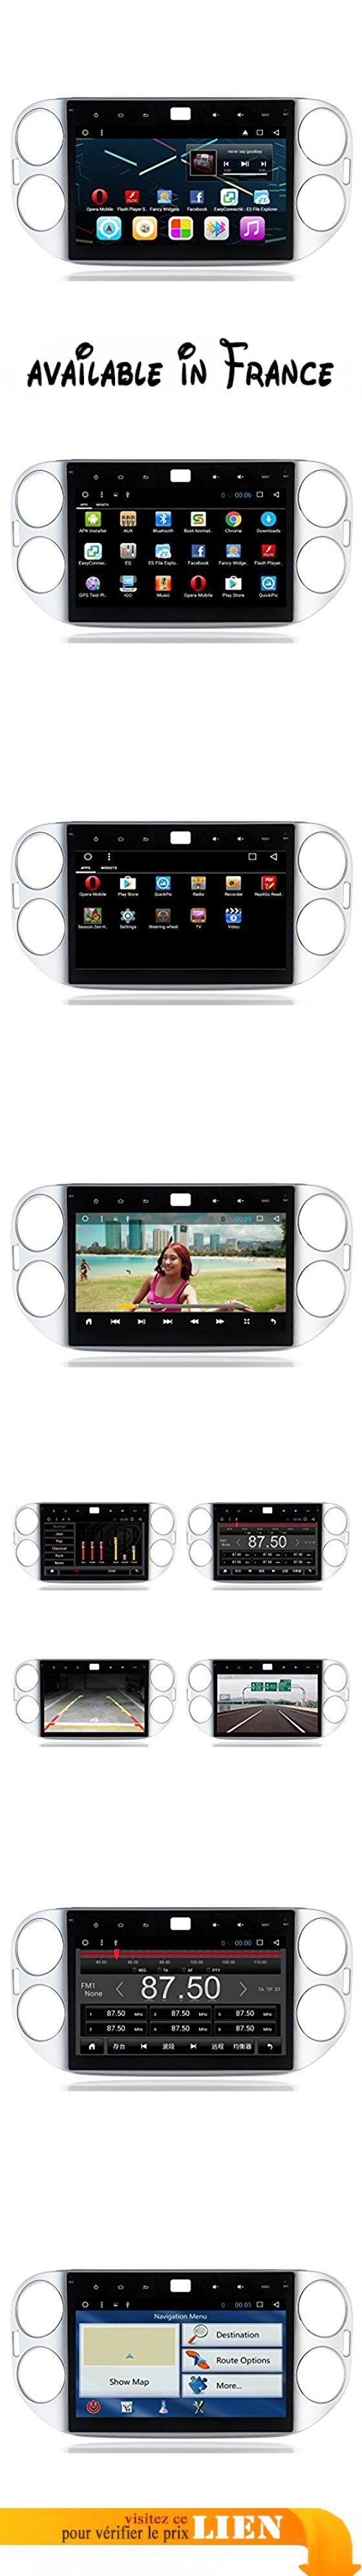 10,1 pouces 1024 * 600 Android 6.0 Unité stéréo voiture avec carte GPS Navigation Sat Nav HD écran tactile Lecteur vidéo / récepteur audio pour VW Tiguan 2013 ( Couleur : UI-2 ). CPU: R16 A7 QuadCore Fréquence principale 1.6Ghz, RAM: DDR3 1GB, Mémoire: Built-in Disque dur: 16GB. 4G Internet Surfing: prise en charge de la carte réseau 4G ou du point de téléphone sans fil du téléphone cellulaire. WIFI Internet Surfing: WIFI intégré, supportant la navigation sur